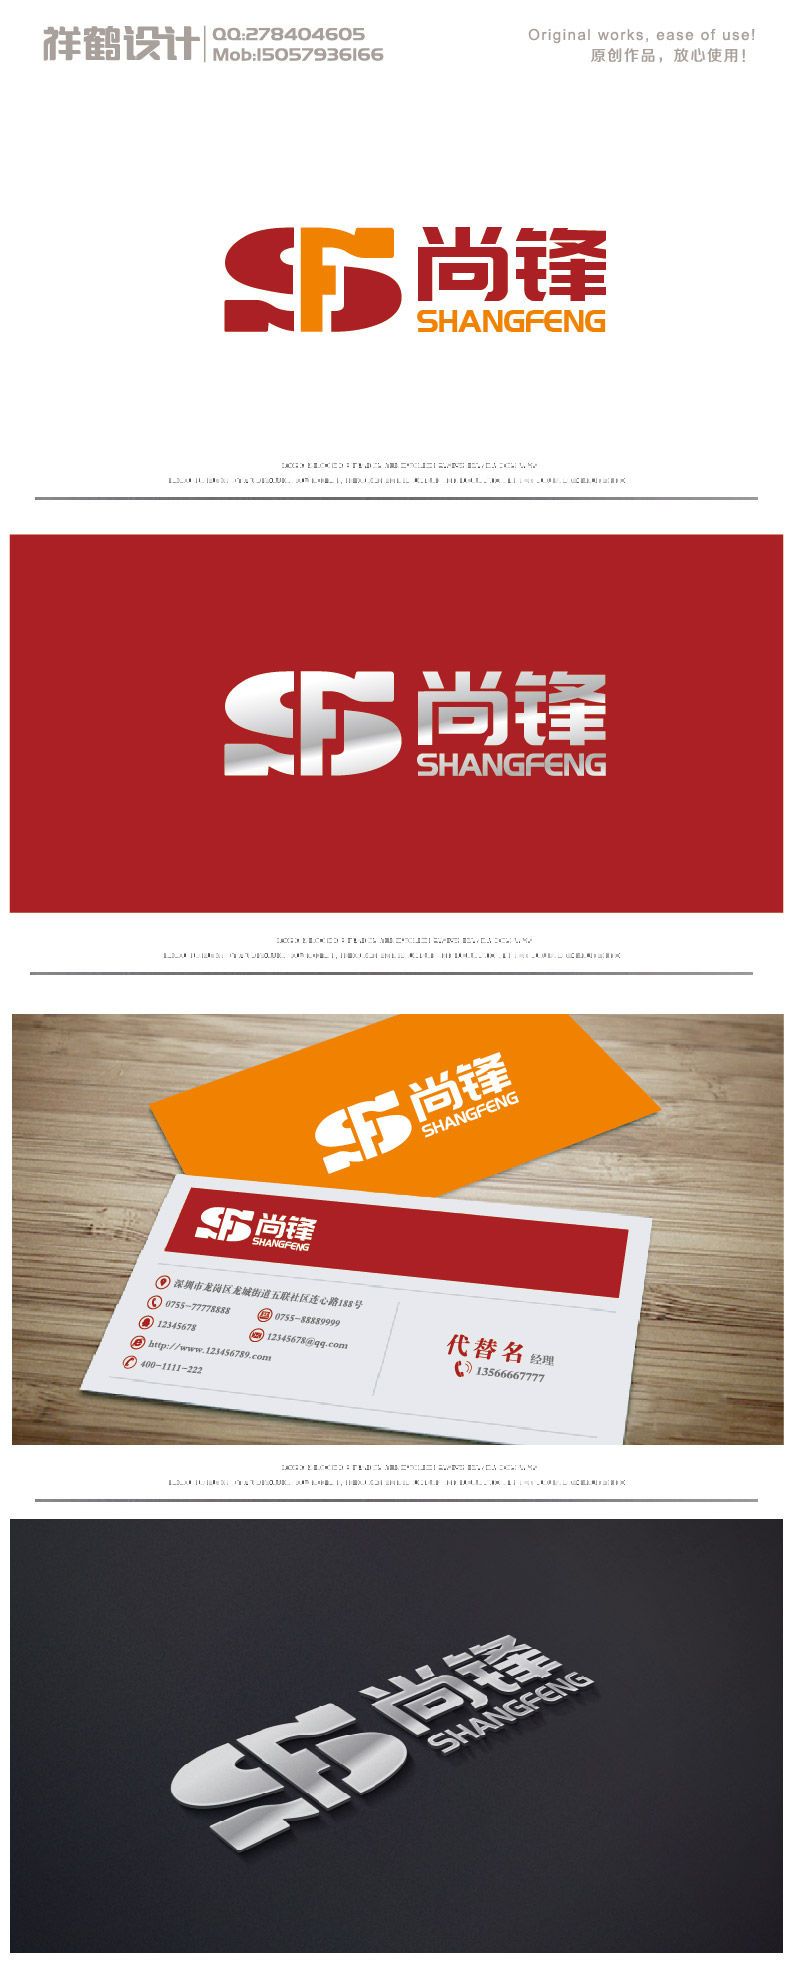 公司Logo+名片设计_3033880_k68威客网